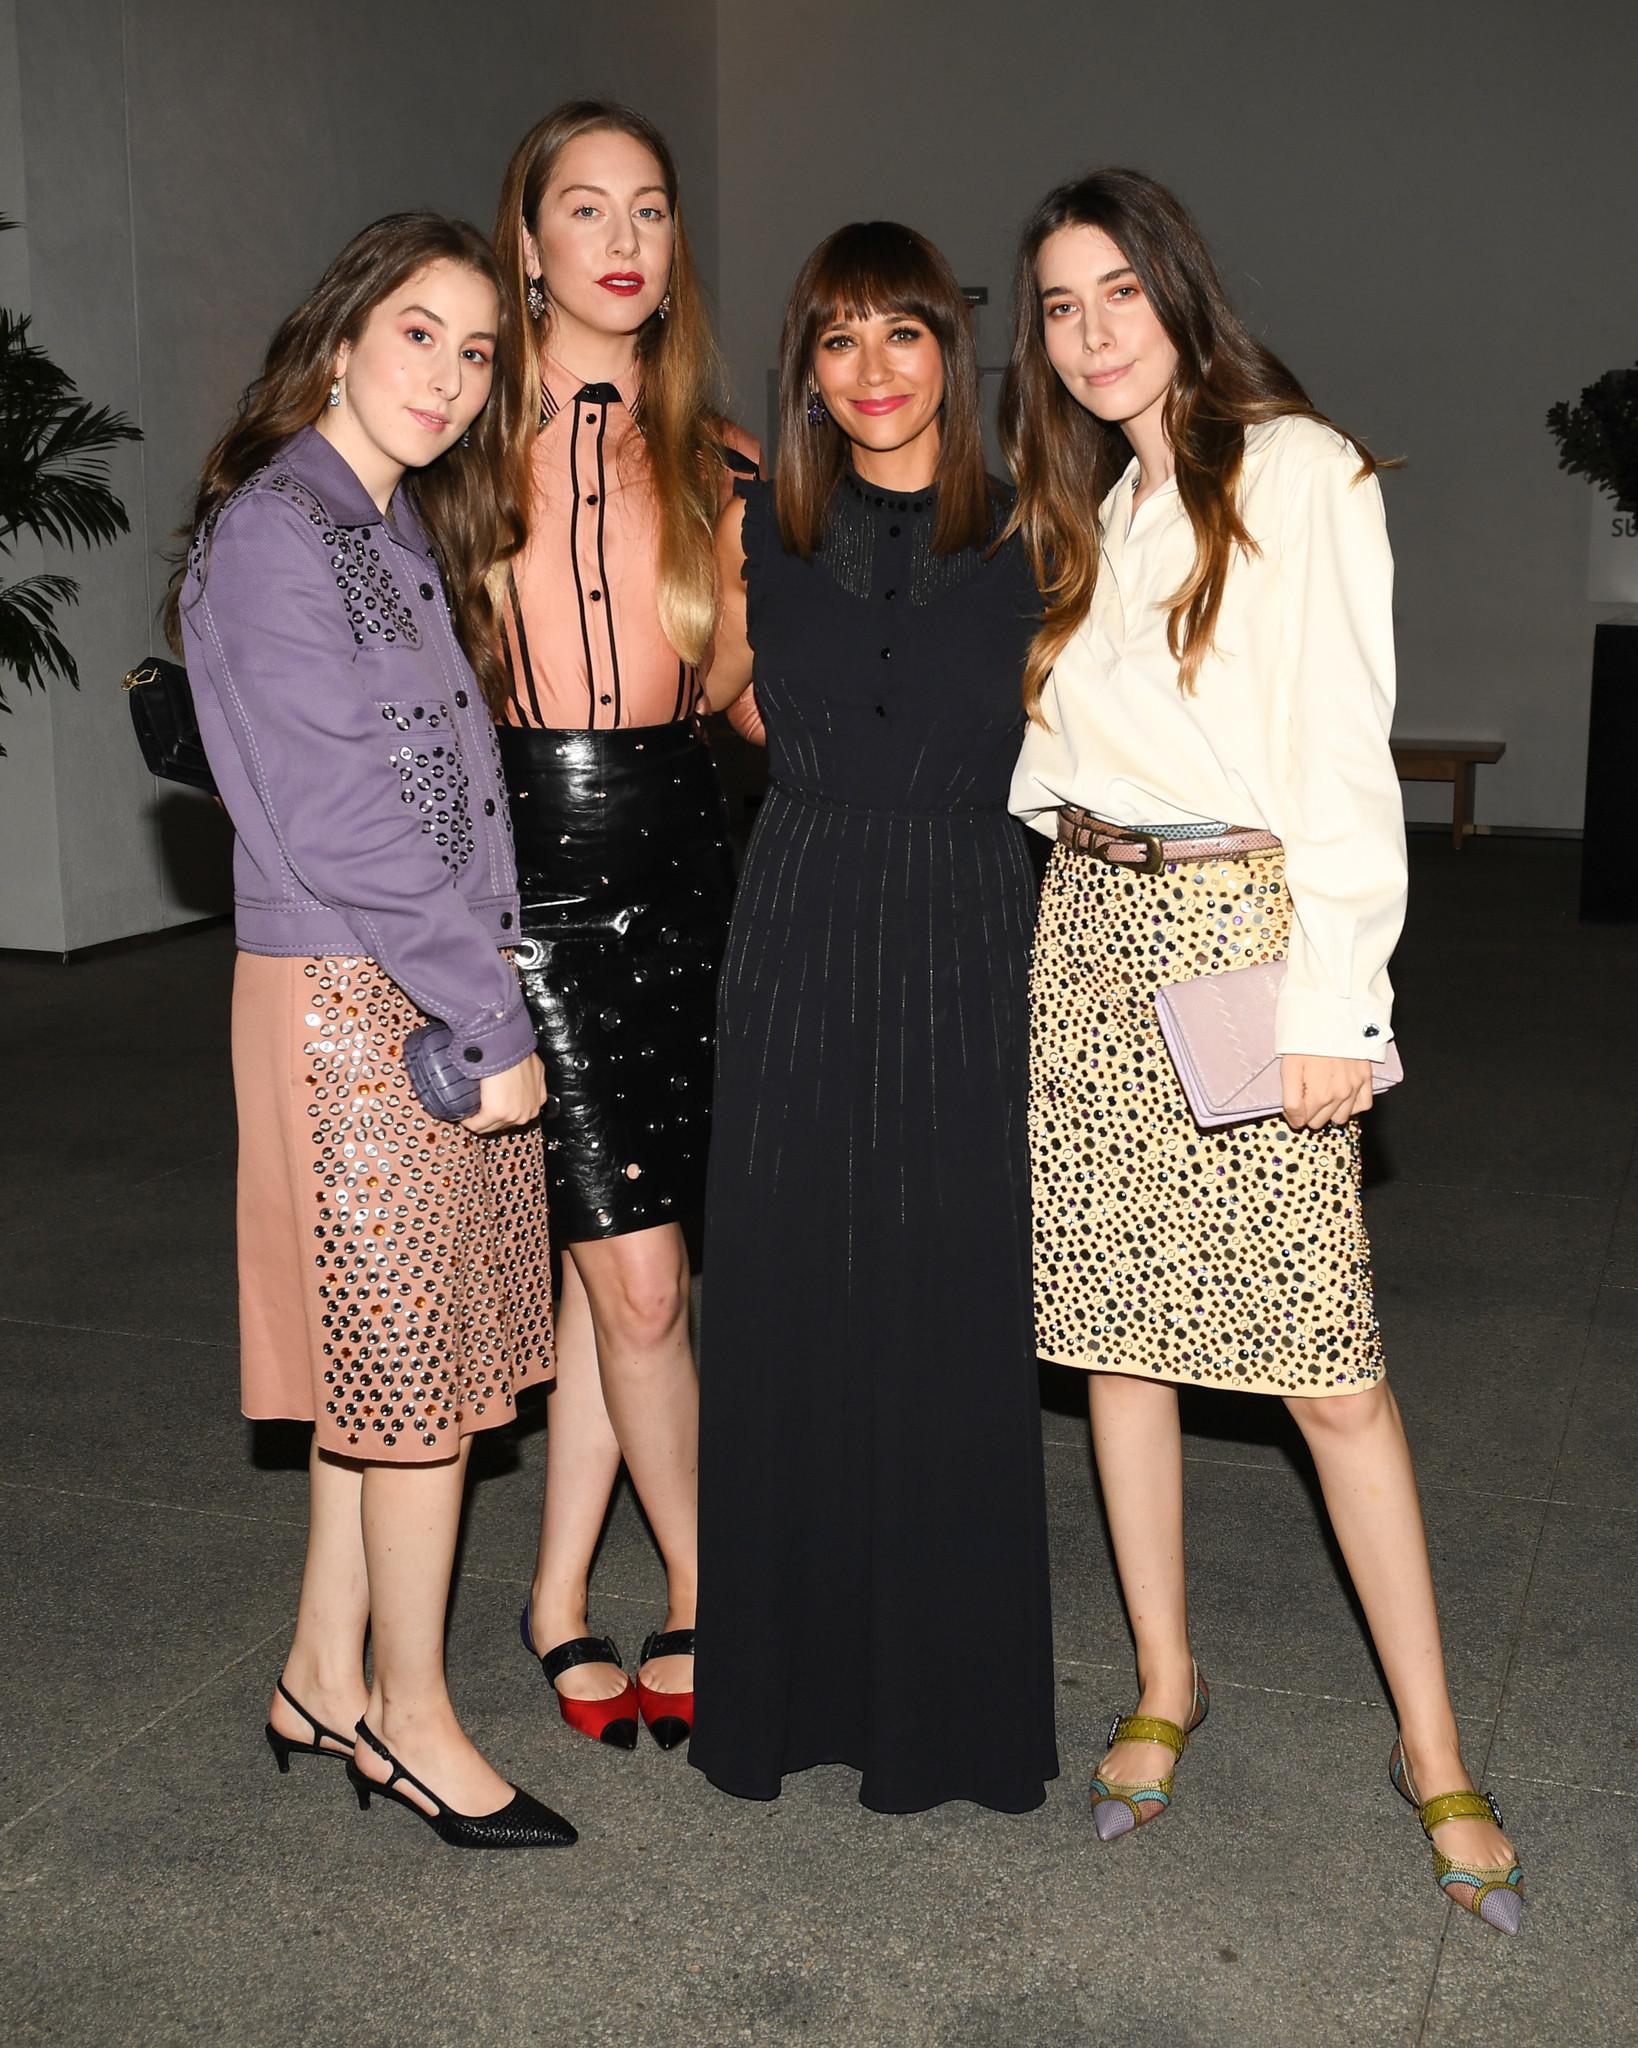 Este Haim, from left, Danielle Haim, Alana Haim, Rashida Jones and Danielle Haim attend the Hammer Museum gala on Saturday.